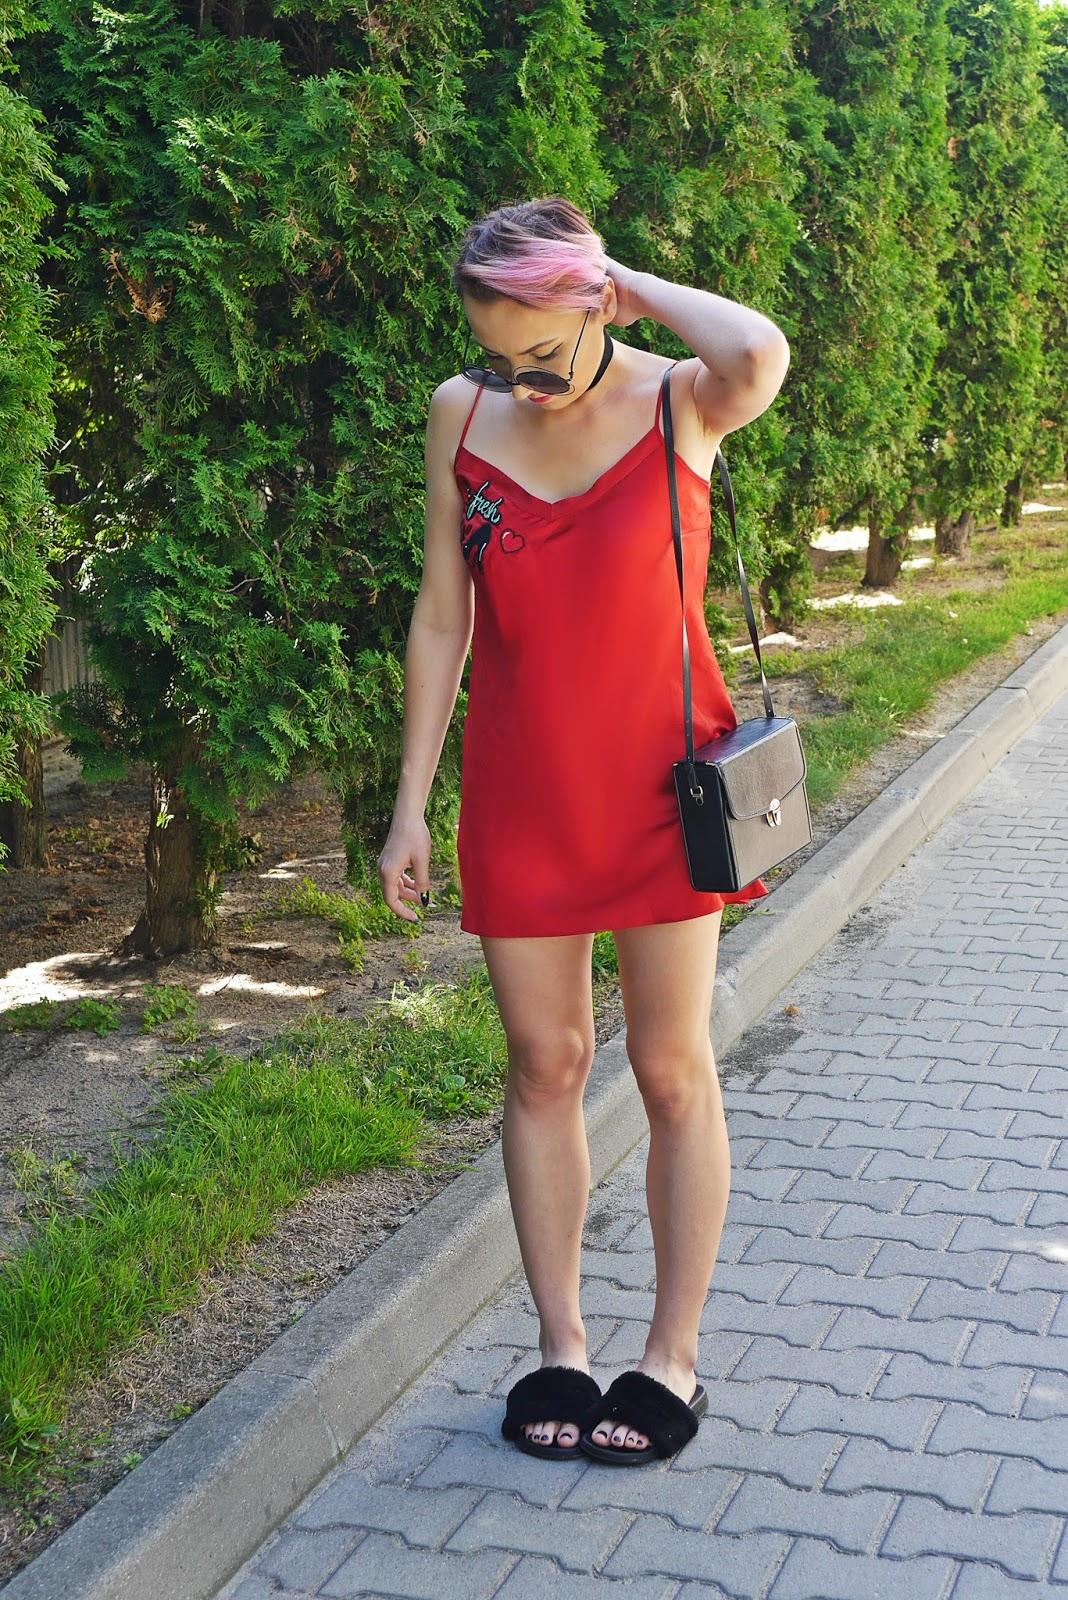 satin_dress_fluffy_slippers_karyn_blog_modowy_ootd_look_190717adf